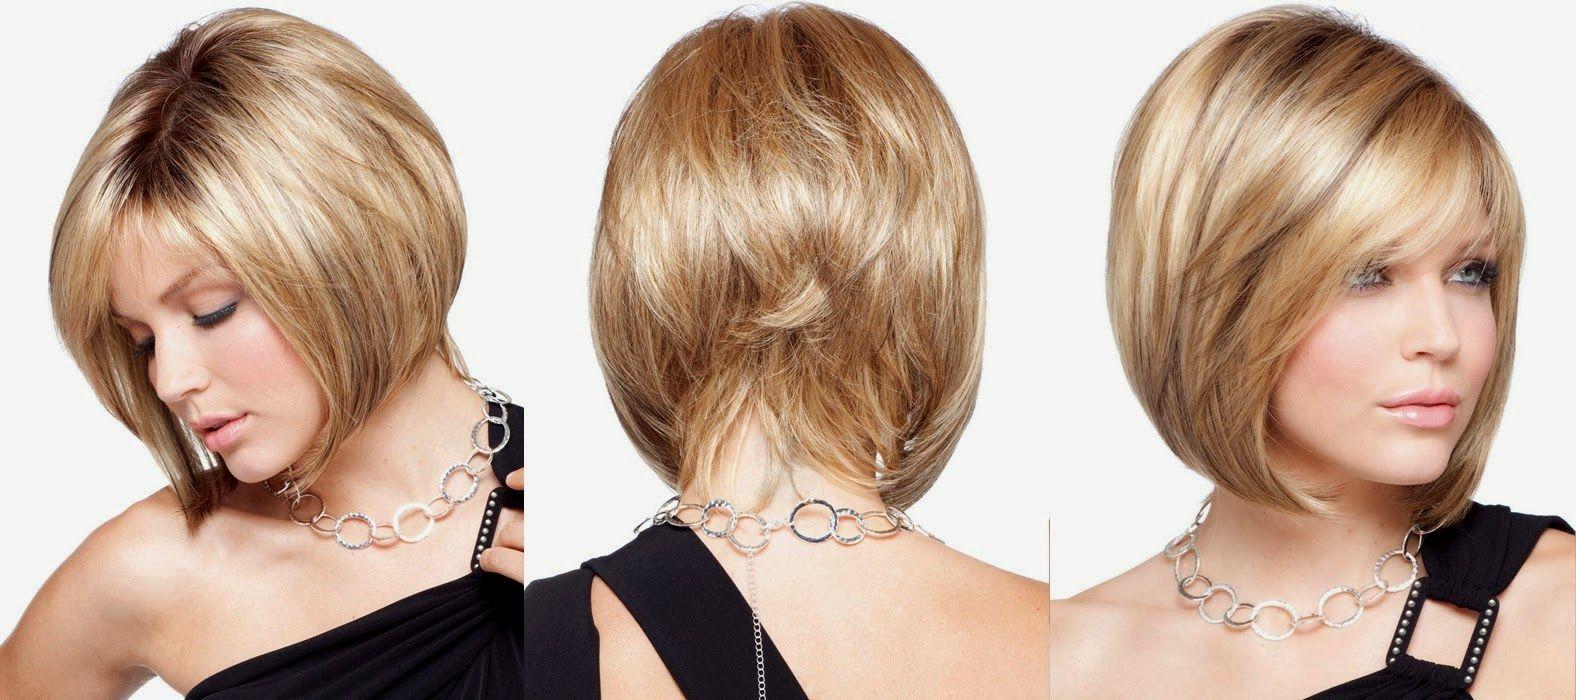 lovely fotos corte de cabelo curto imagem-New Fotos Corte De Cabelo Curto Design